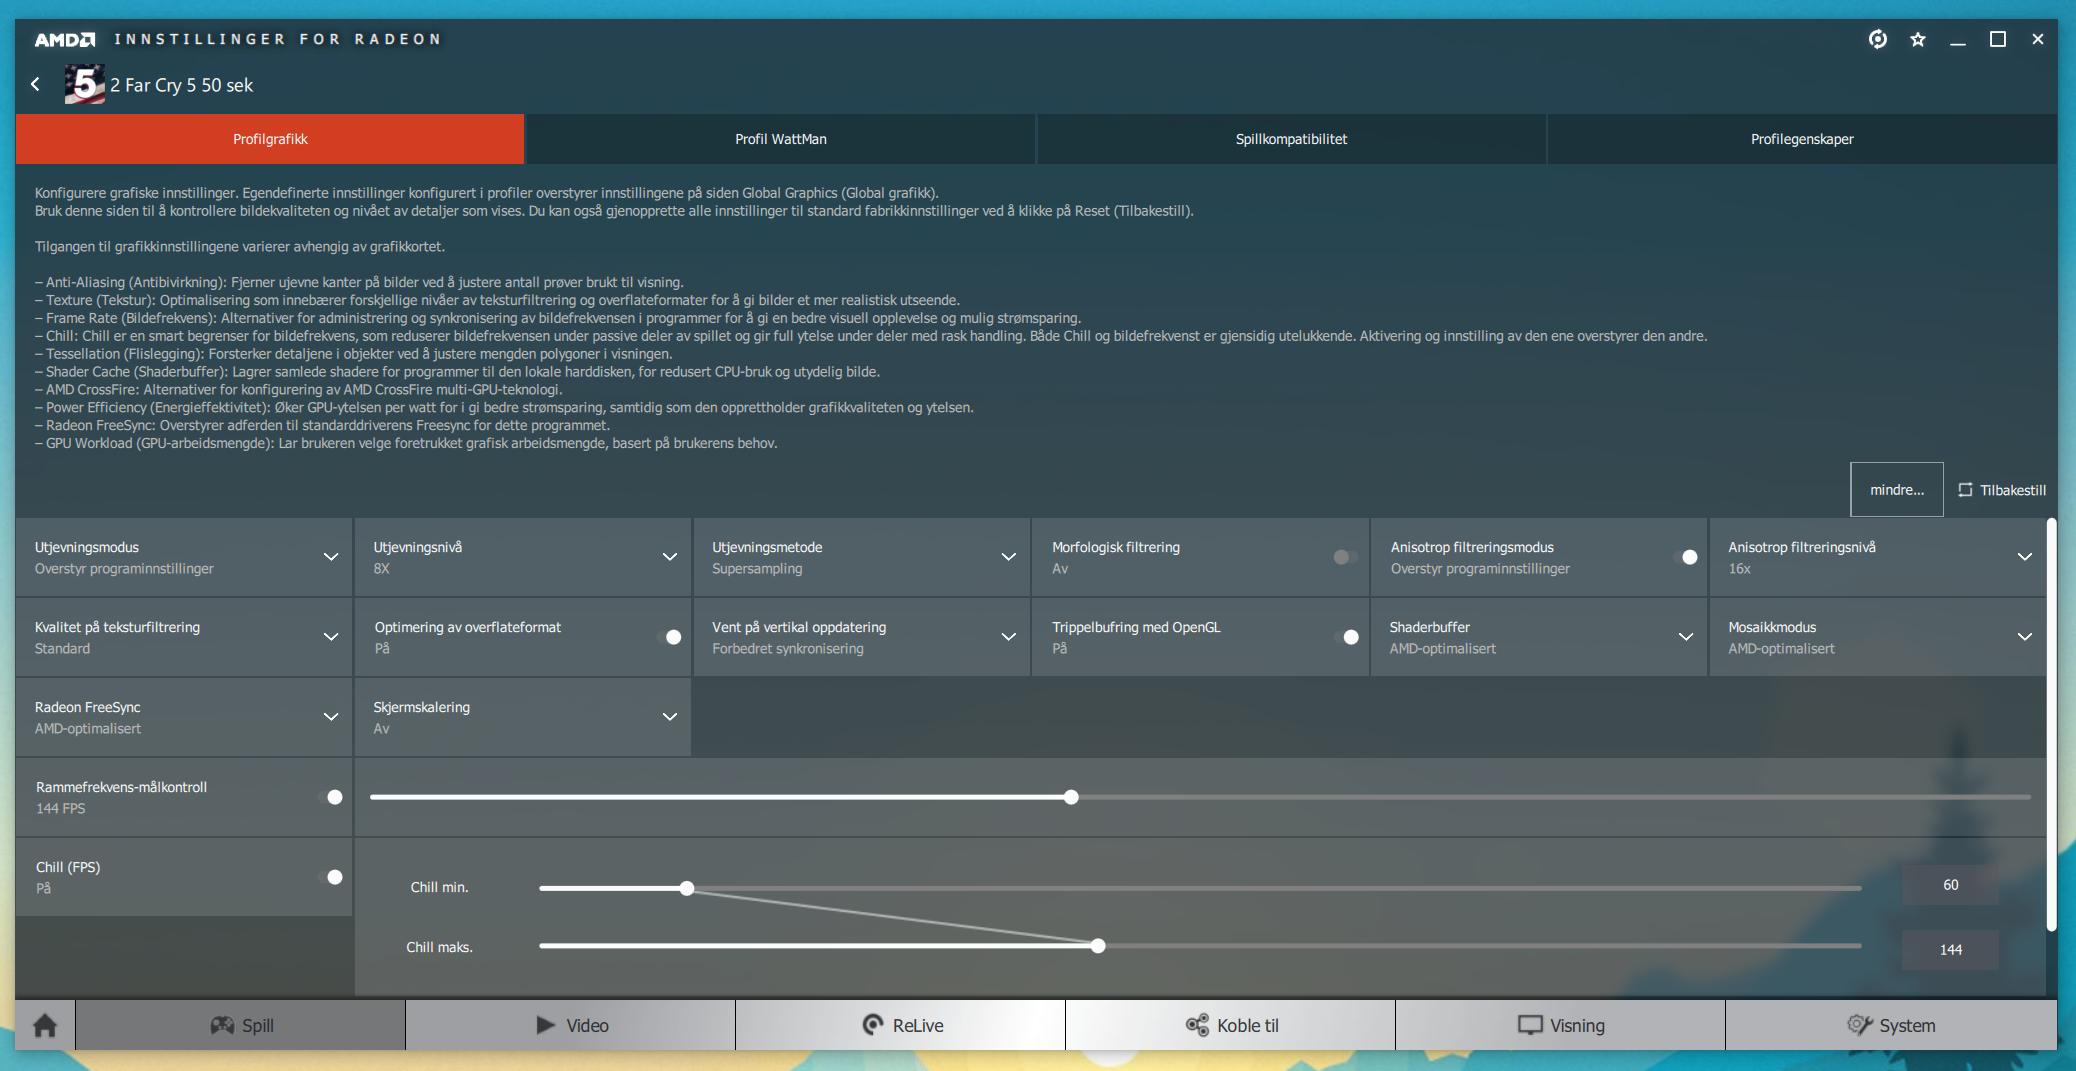 Radeon Settings gir AMD-eiere flere muligheter for å justere bildeflyten enn Nvidias kontrollpanel gir GTX-eiere.